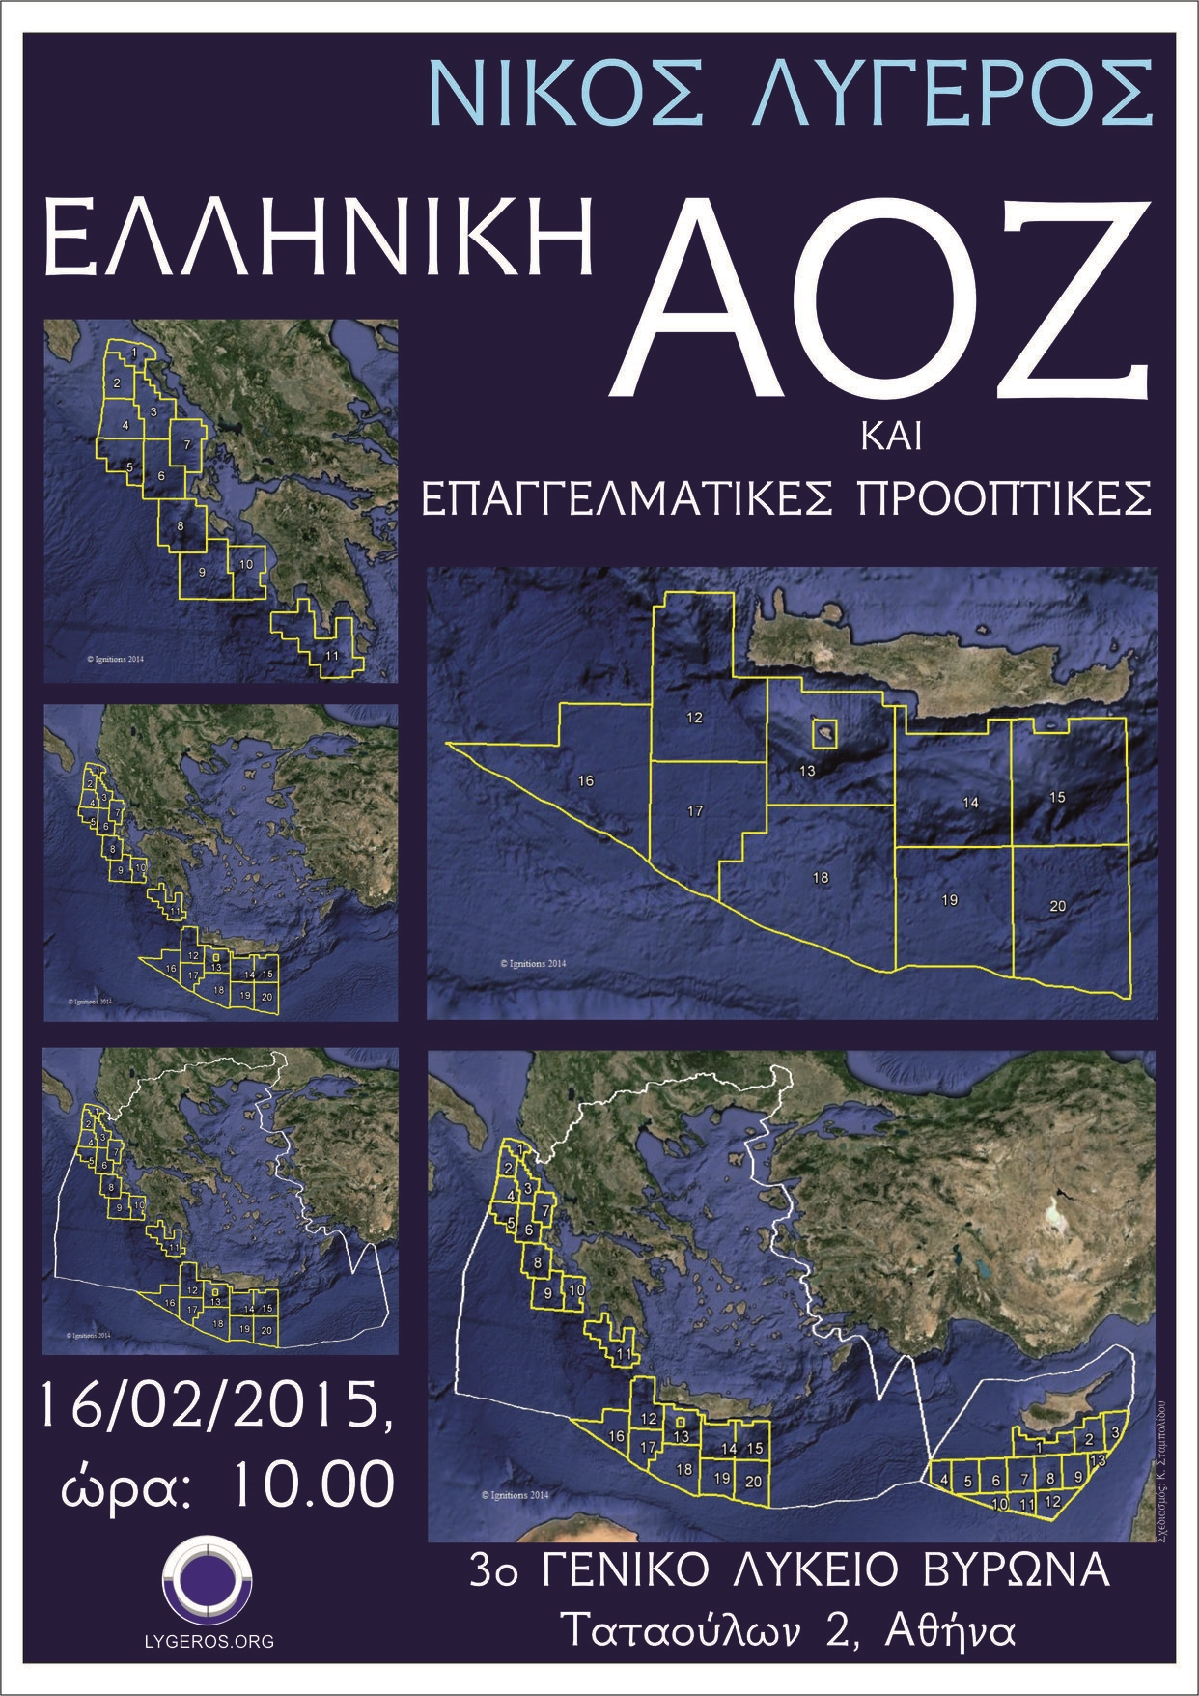 Ελληνική ΑΟΖ και επαγγελματικές προοπτικές